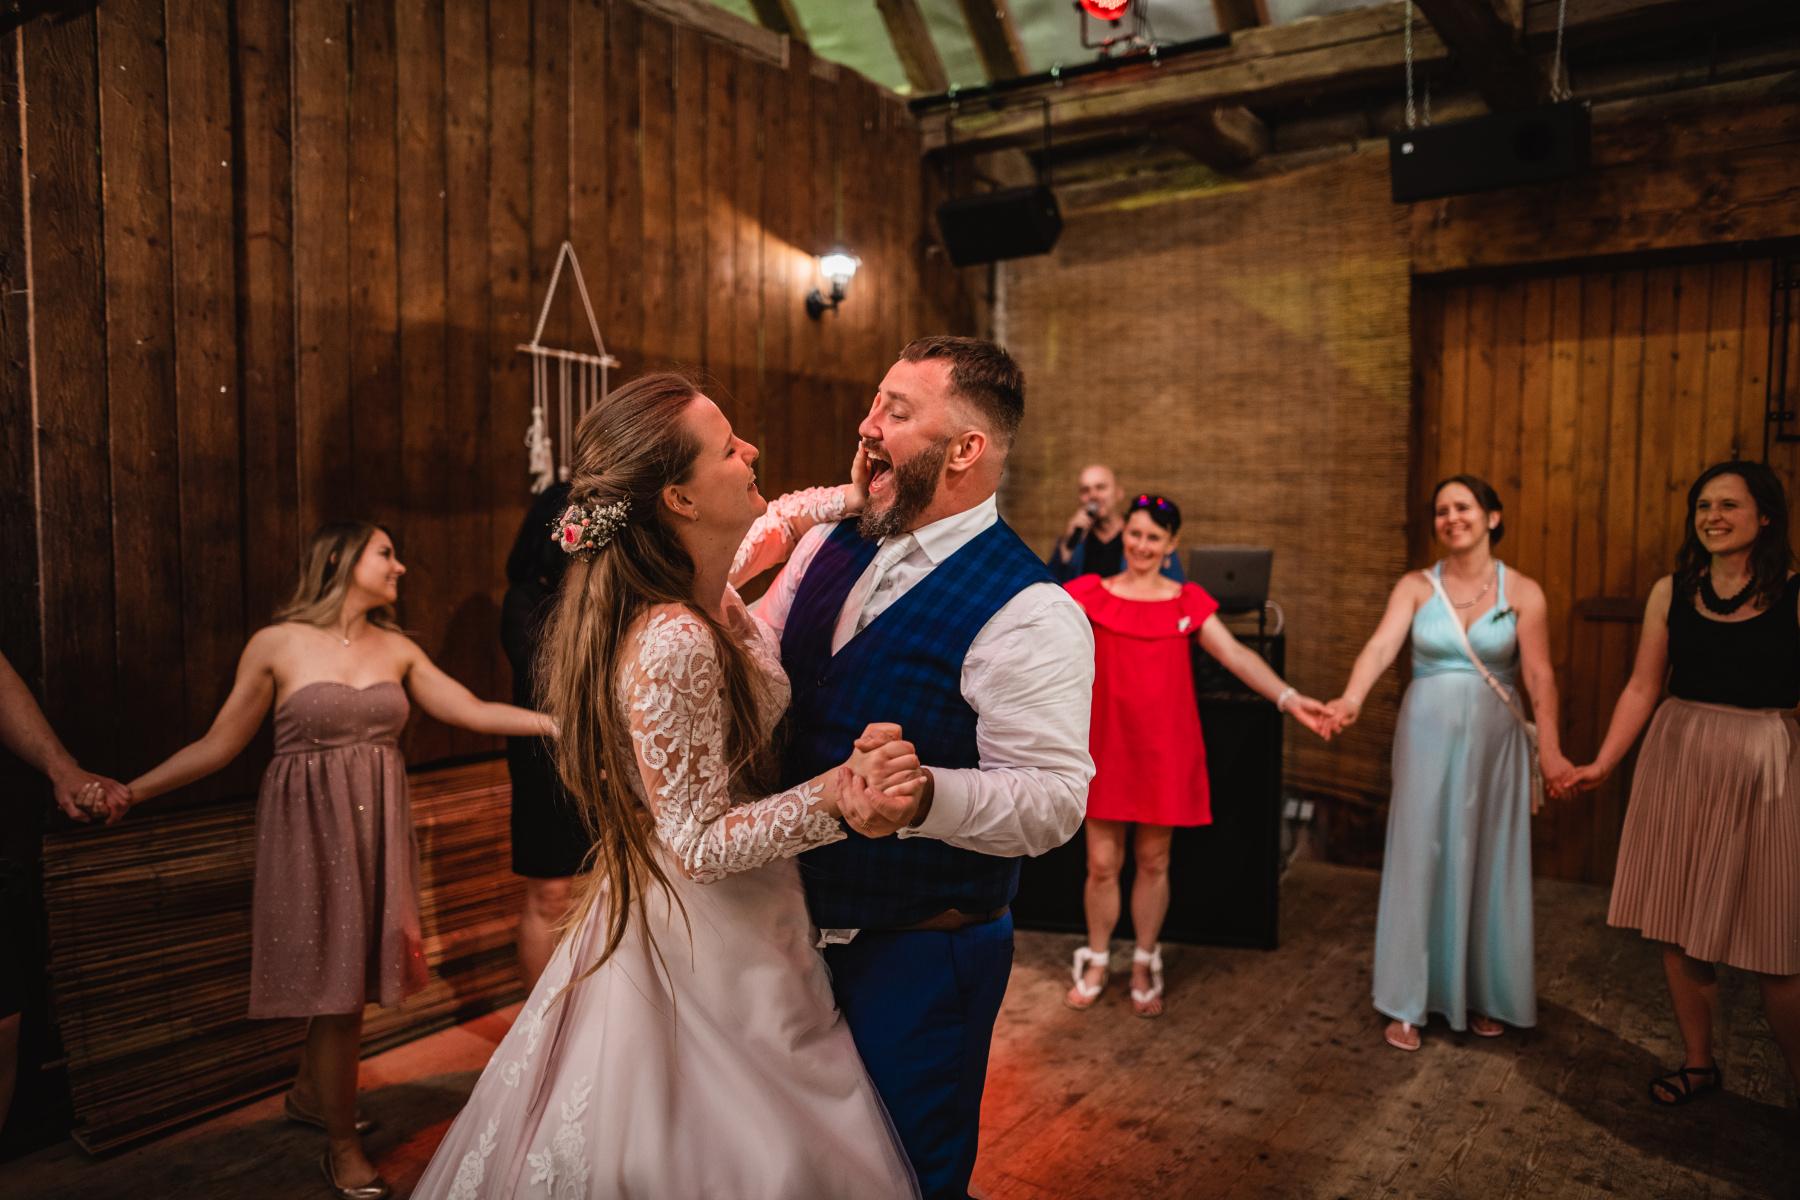 První tanec svatebního páru